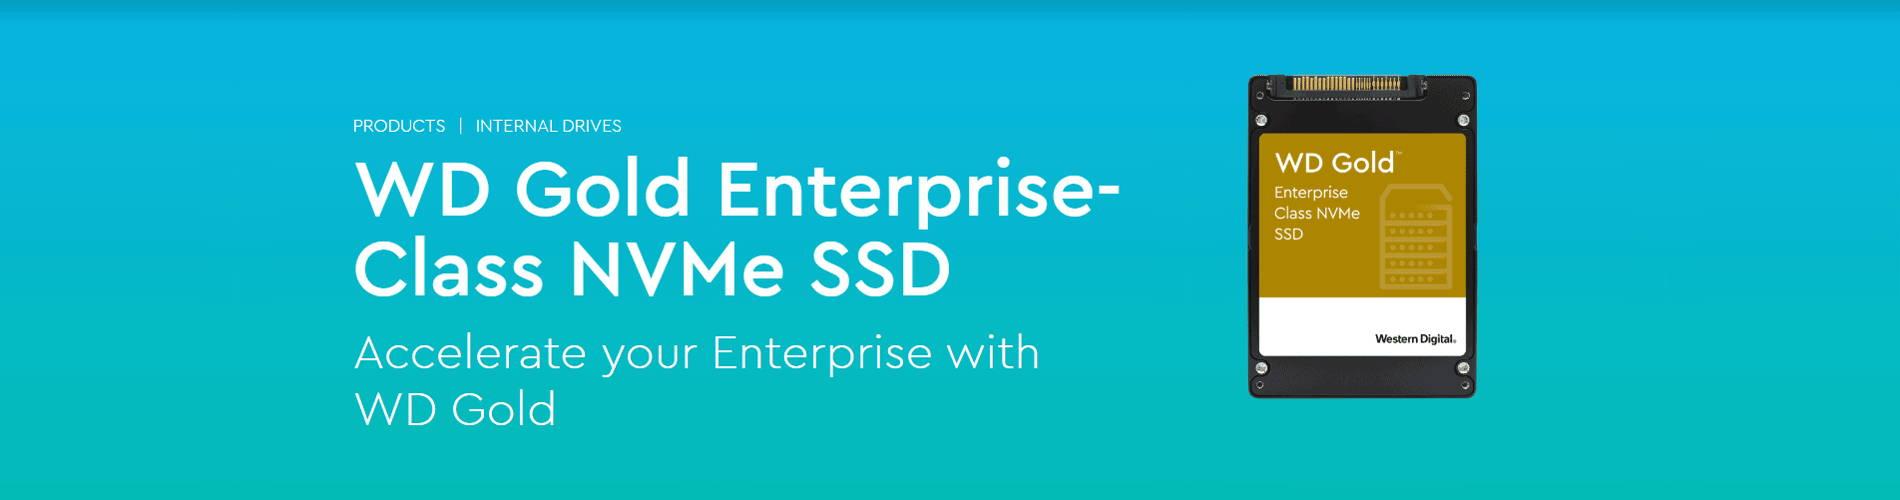 WD Gold Enterprise-Class NVMe SSD